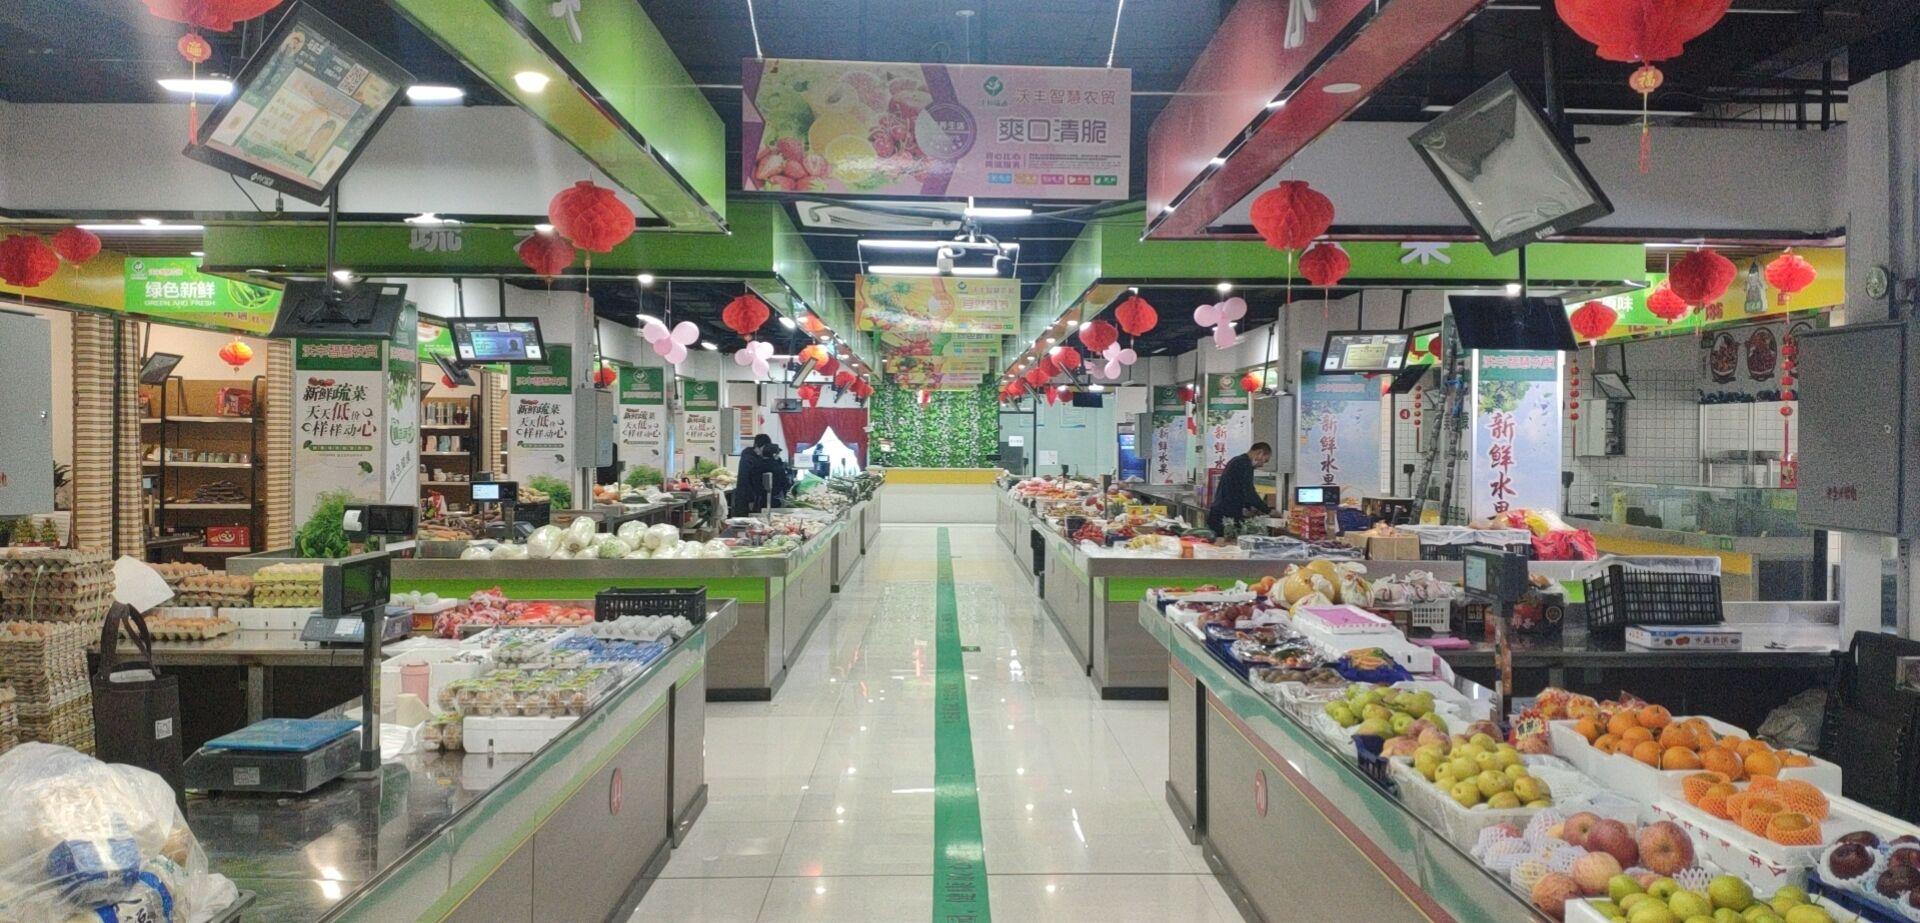 沃丰南区邻里中心市场(新疆 石河子市)